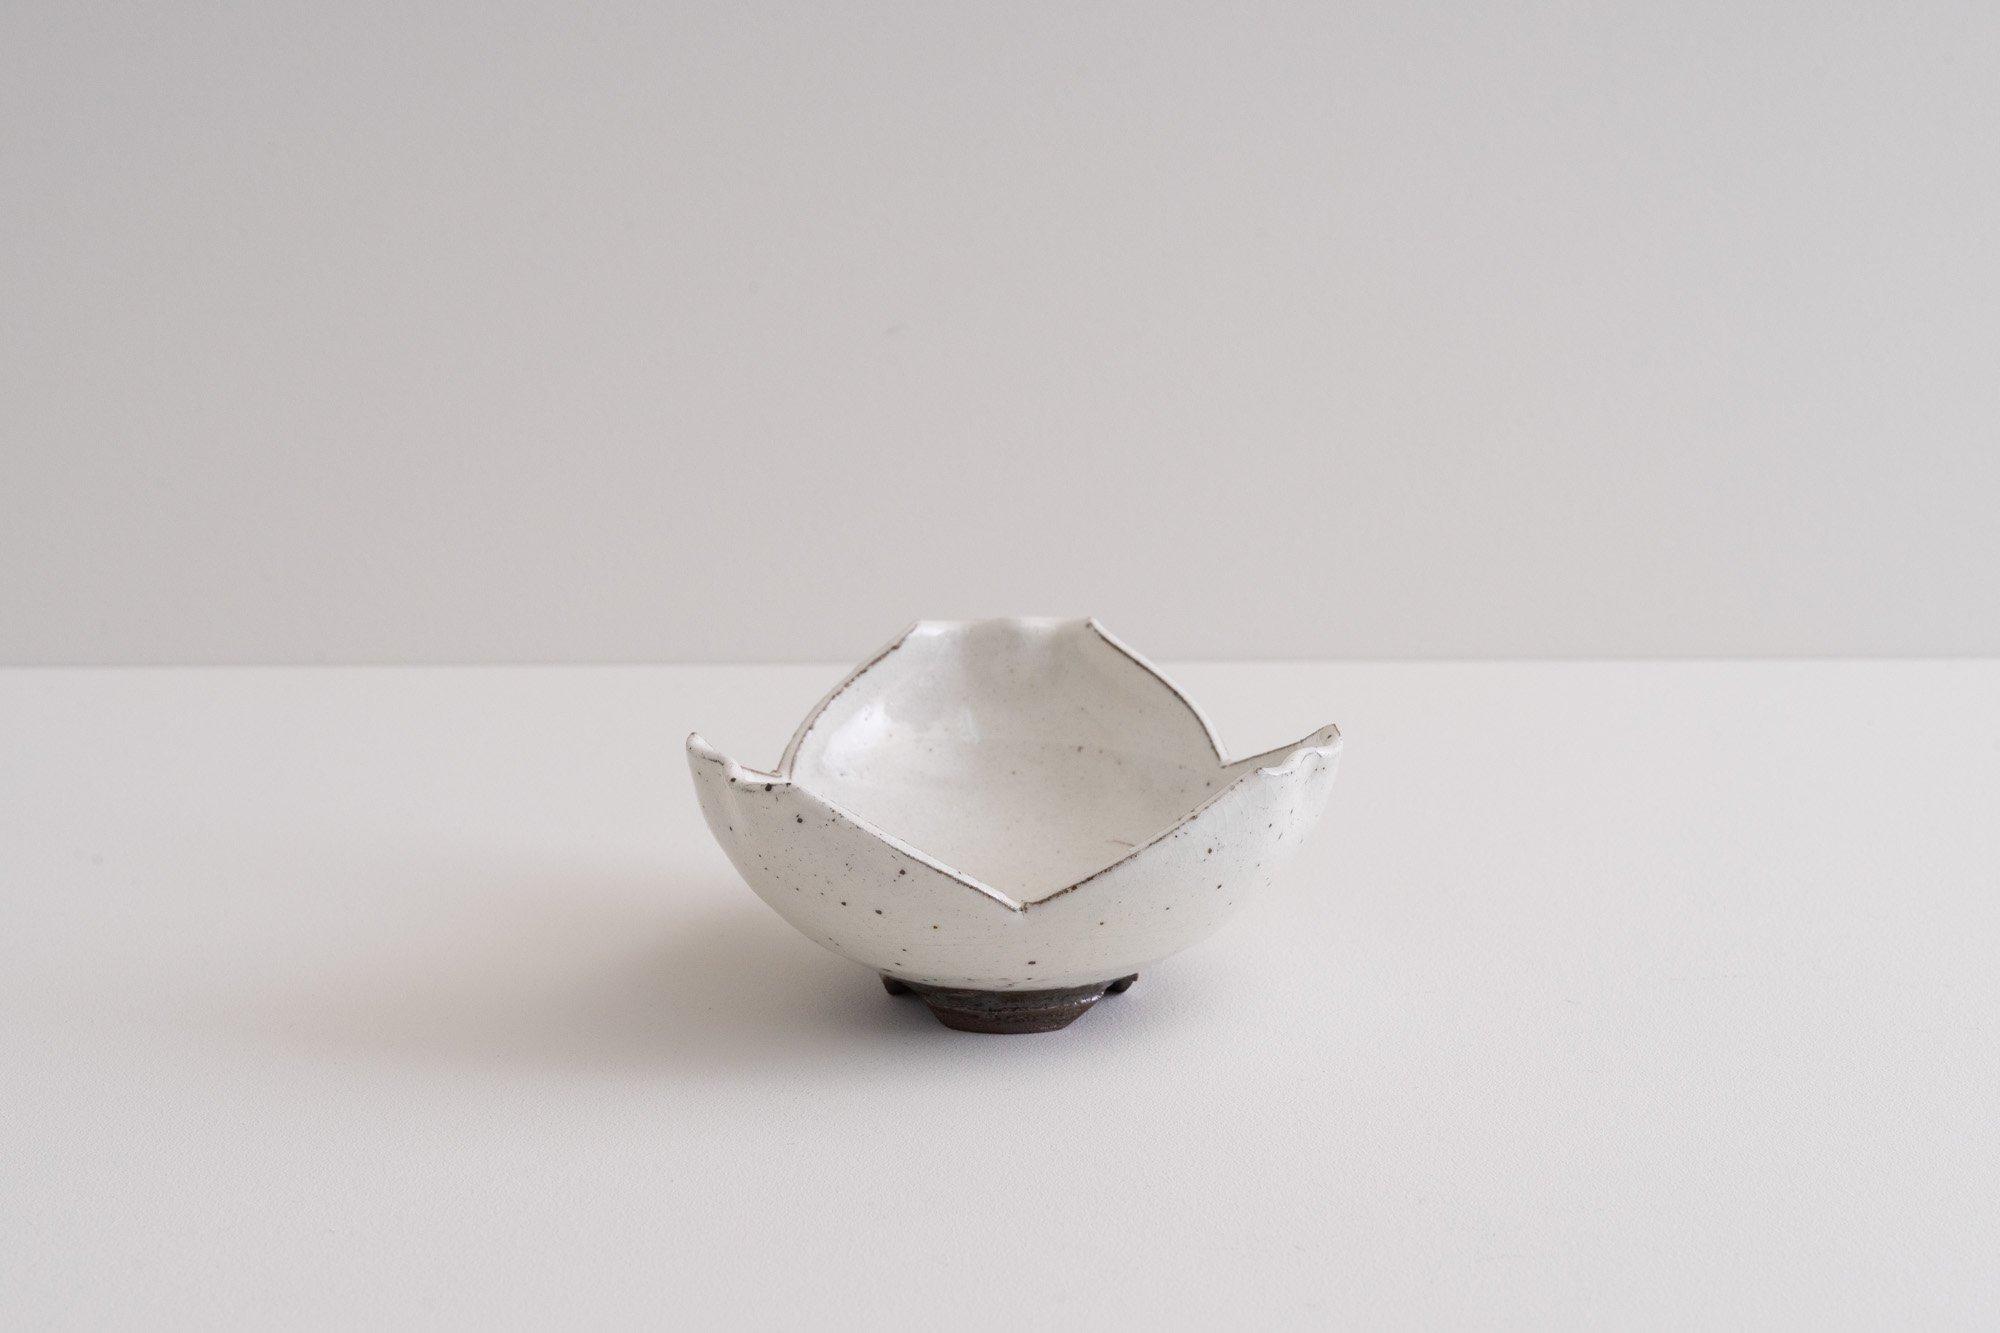 粉引割山椒小鉢